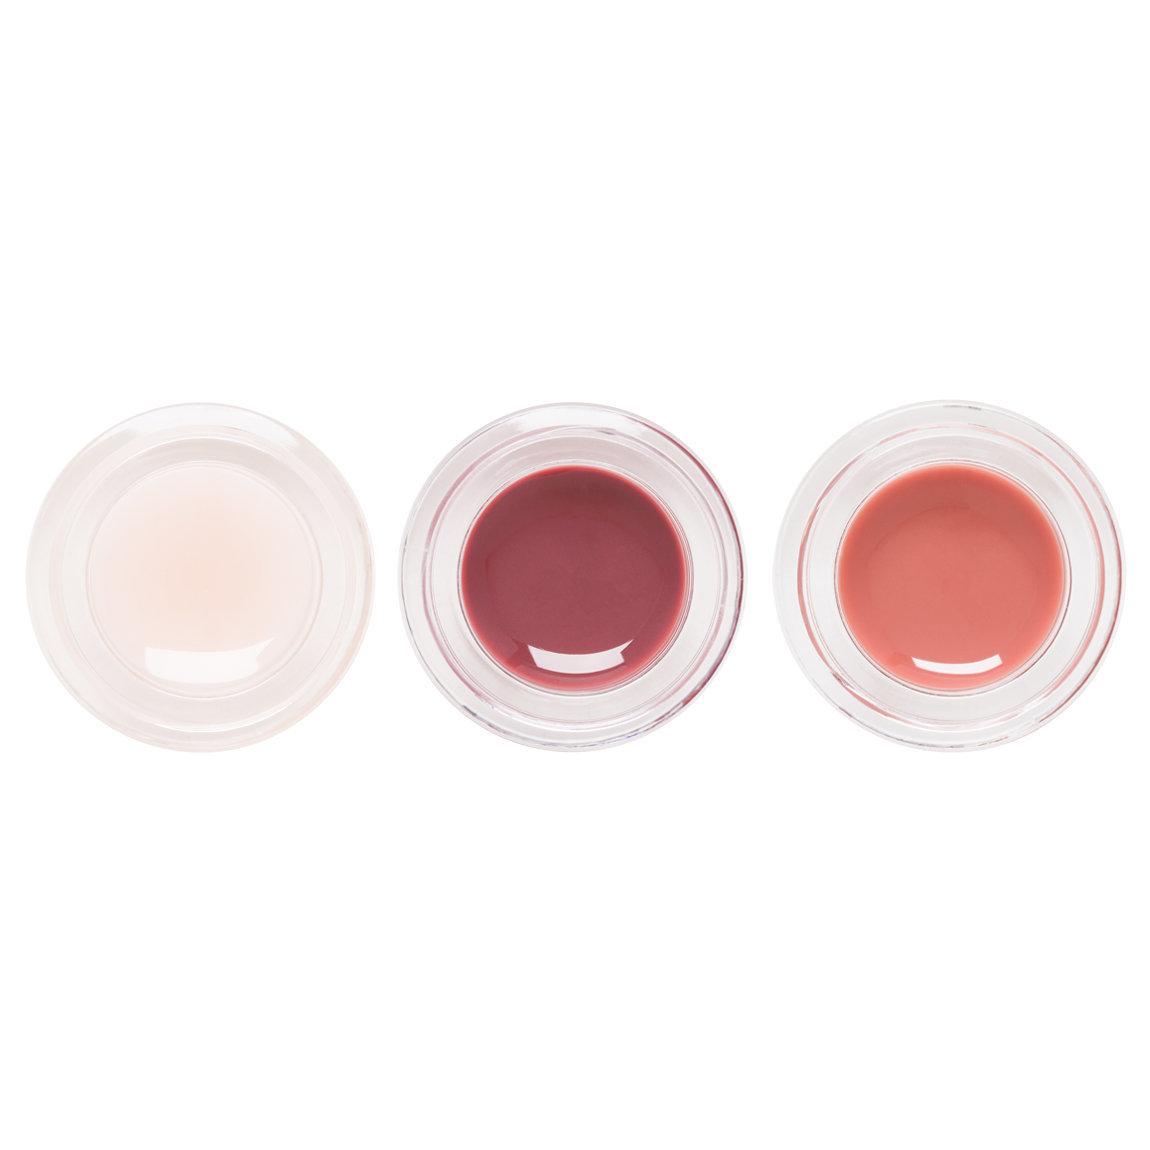 bkr bkr Paris Water Balm Neutrals Trio product swatch.